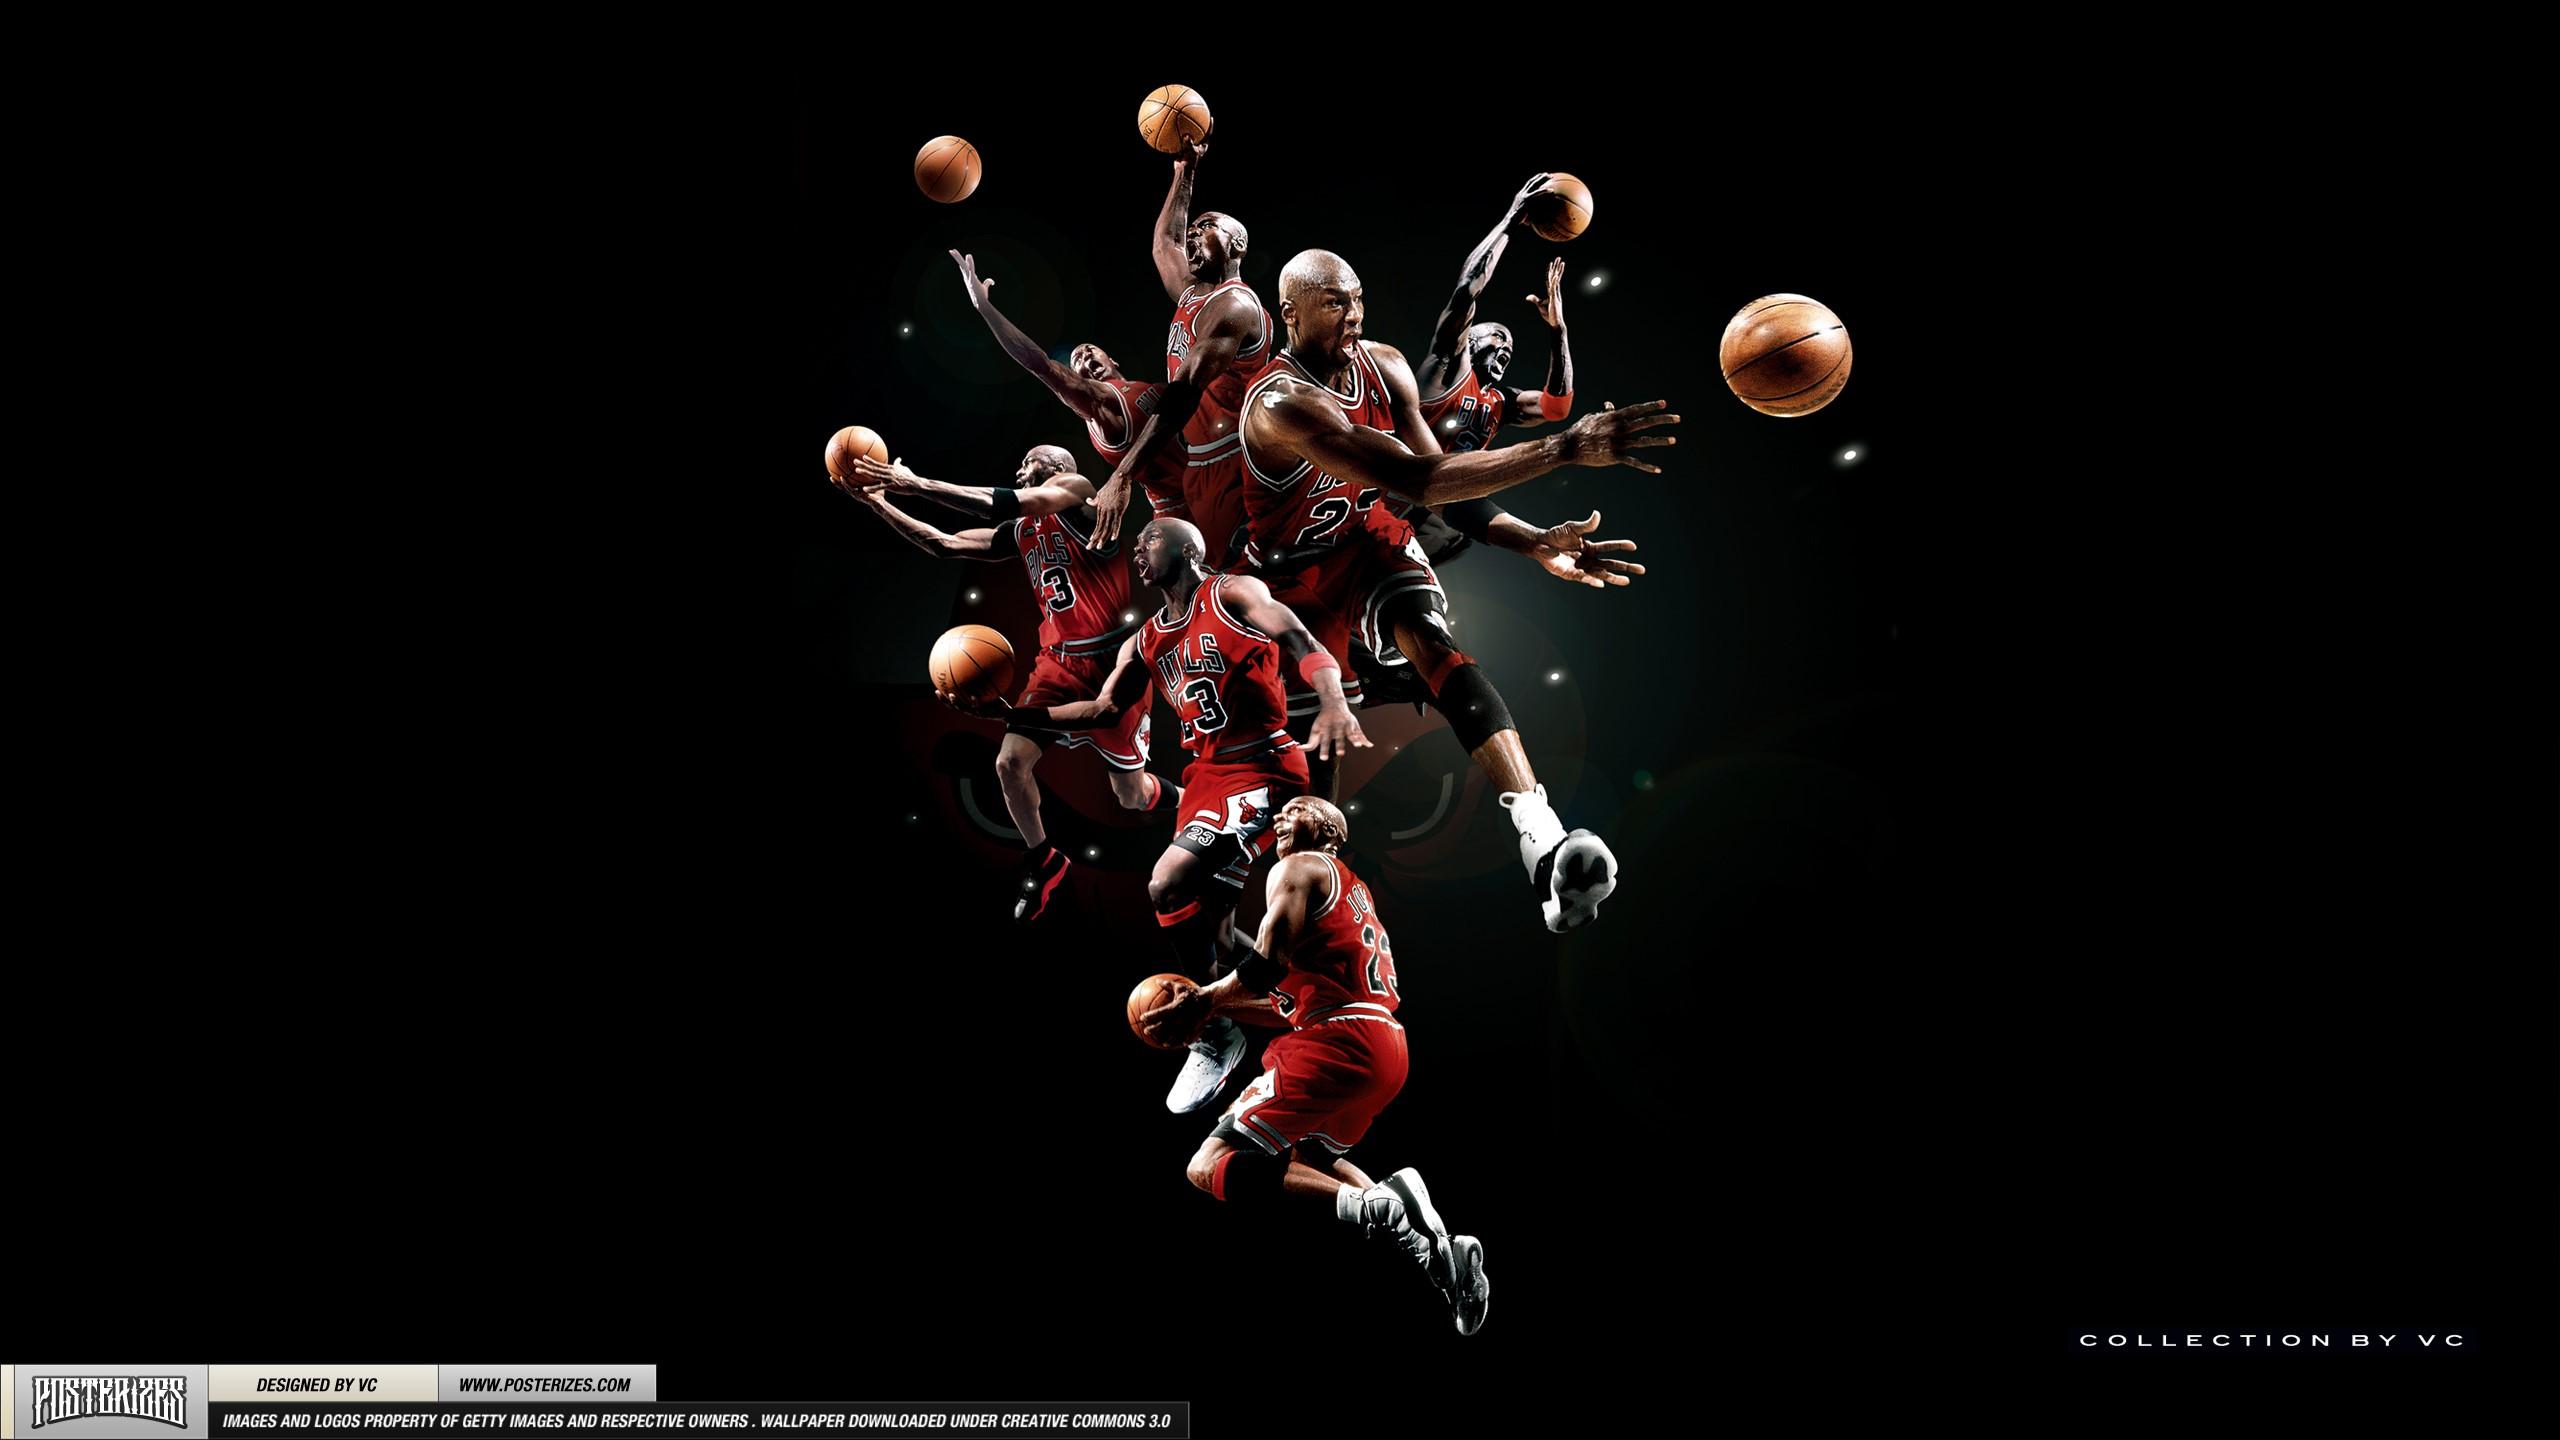 Michael Jordan Laptop Wallpapers